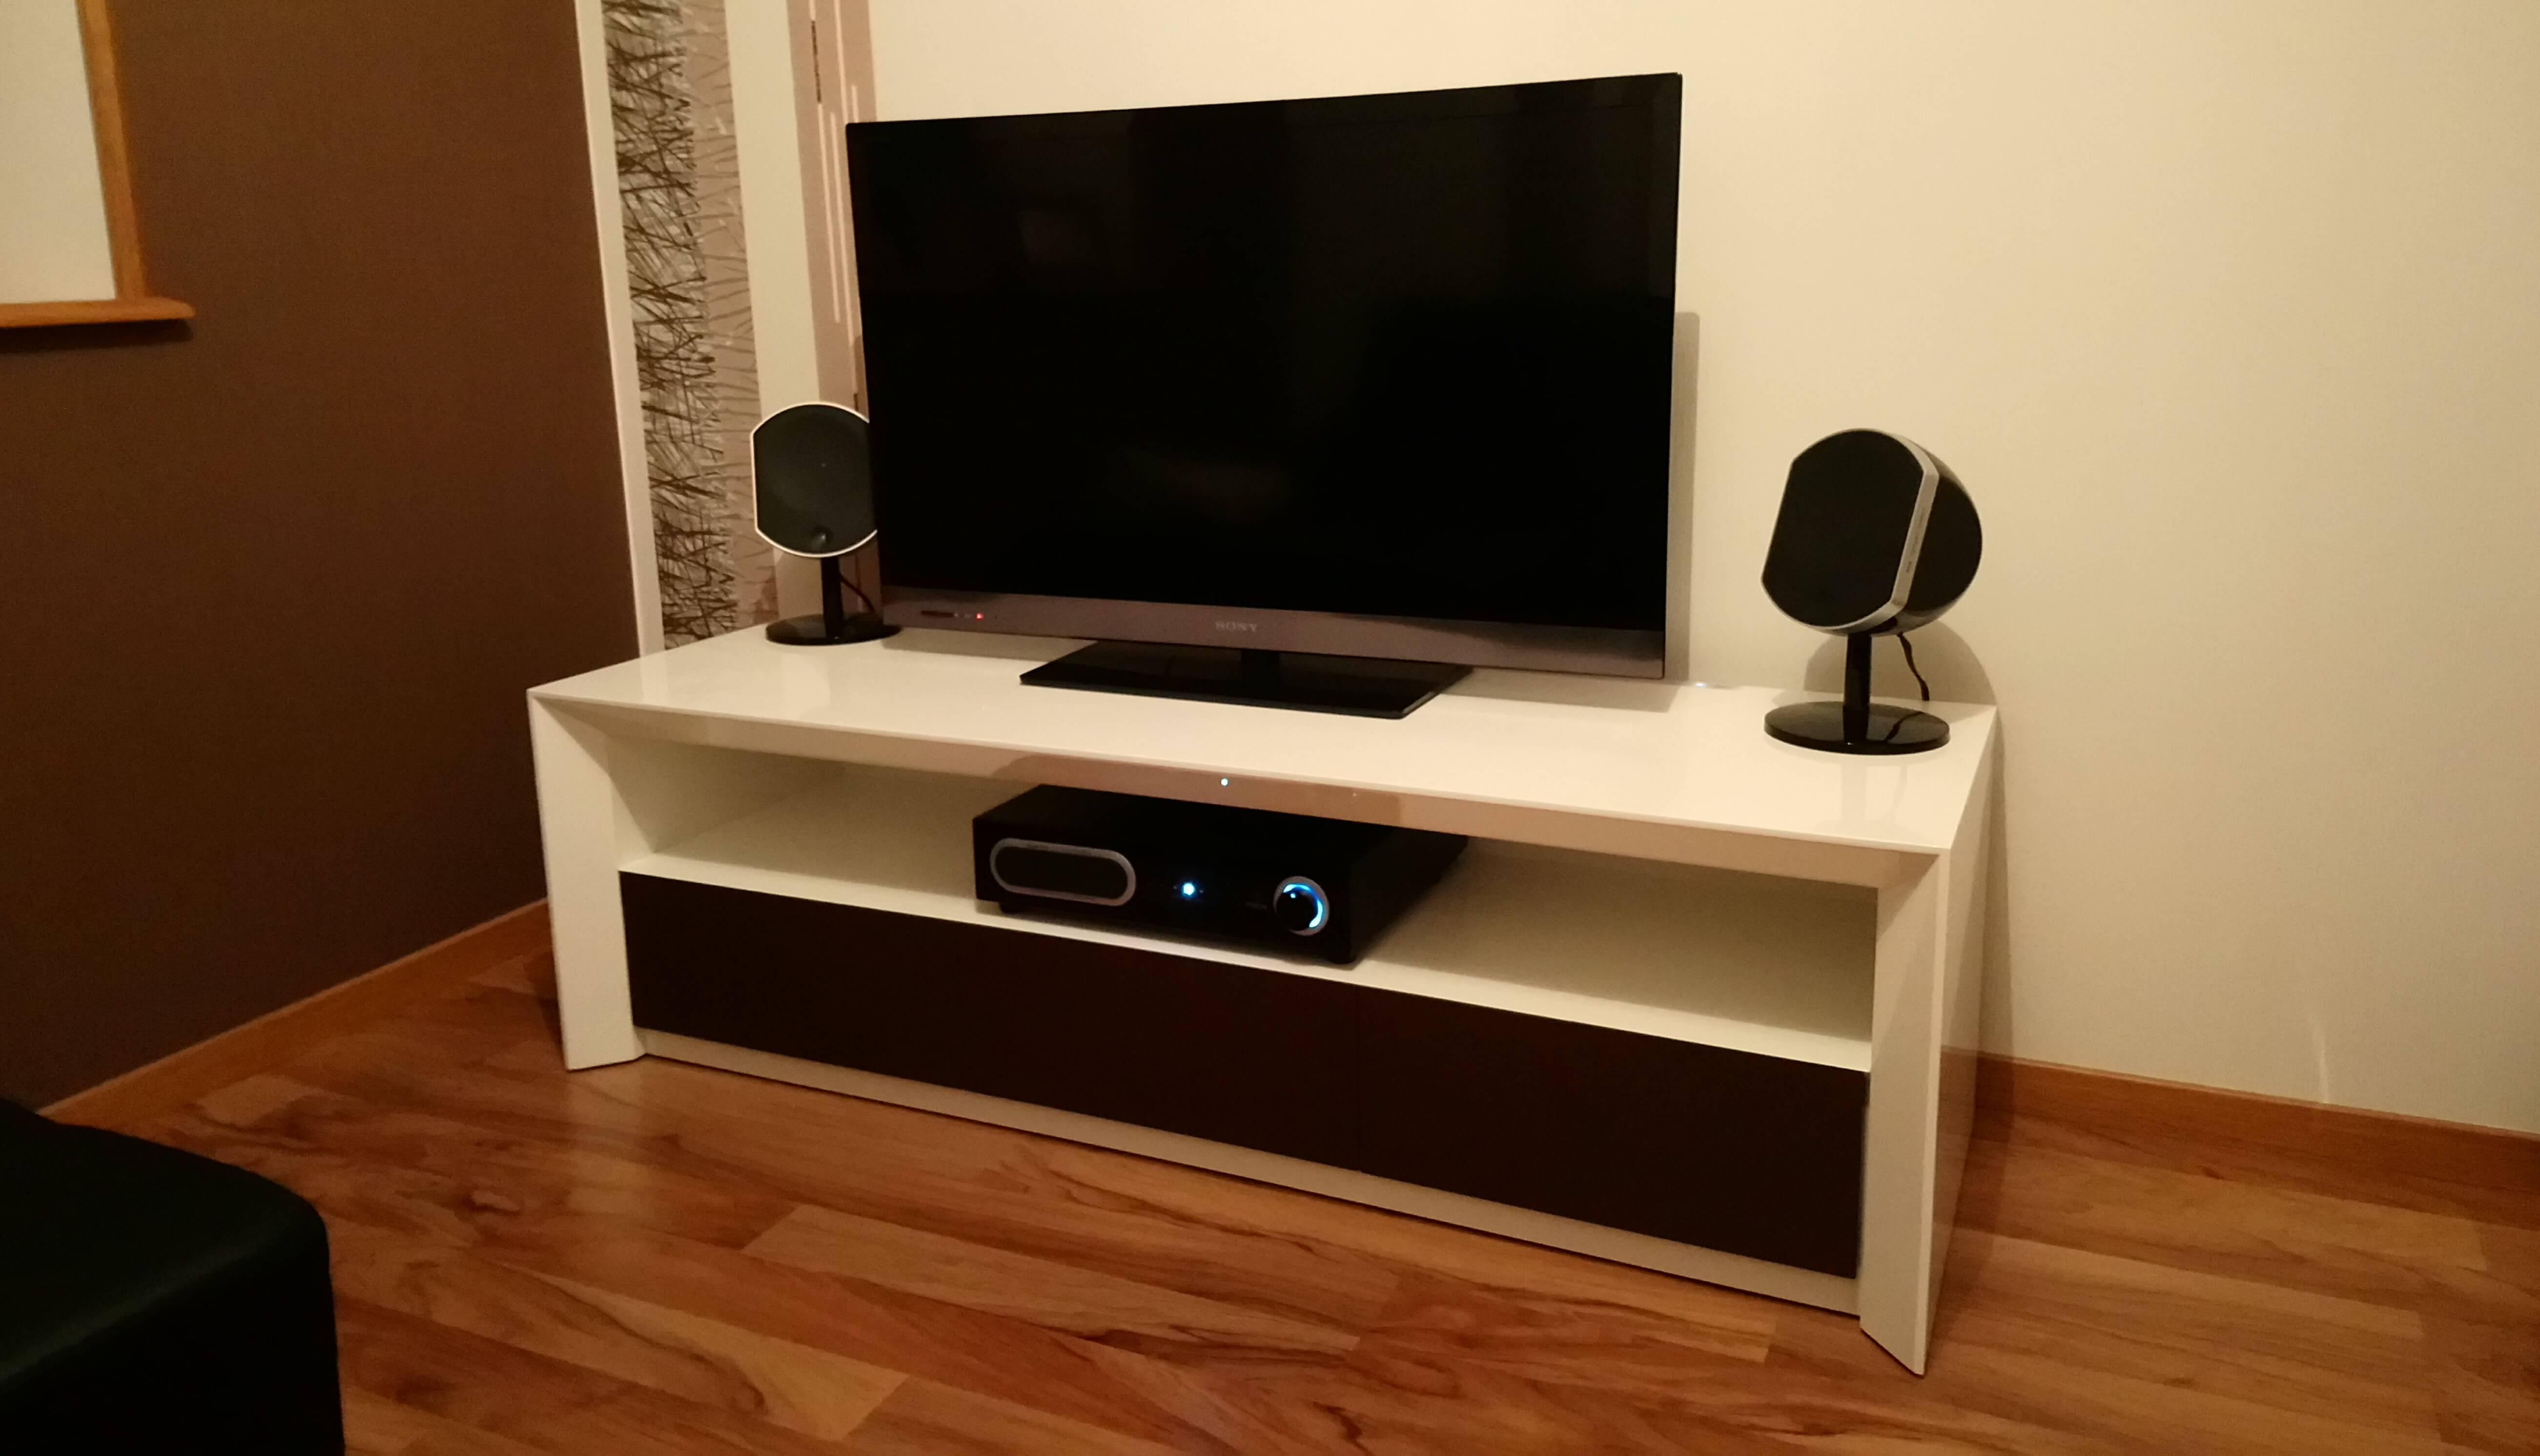 Menuiserie Figard - Fabrication sur mesure - Meuble télé - Laqué - Vesoul